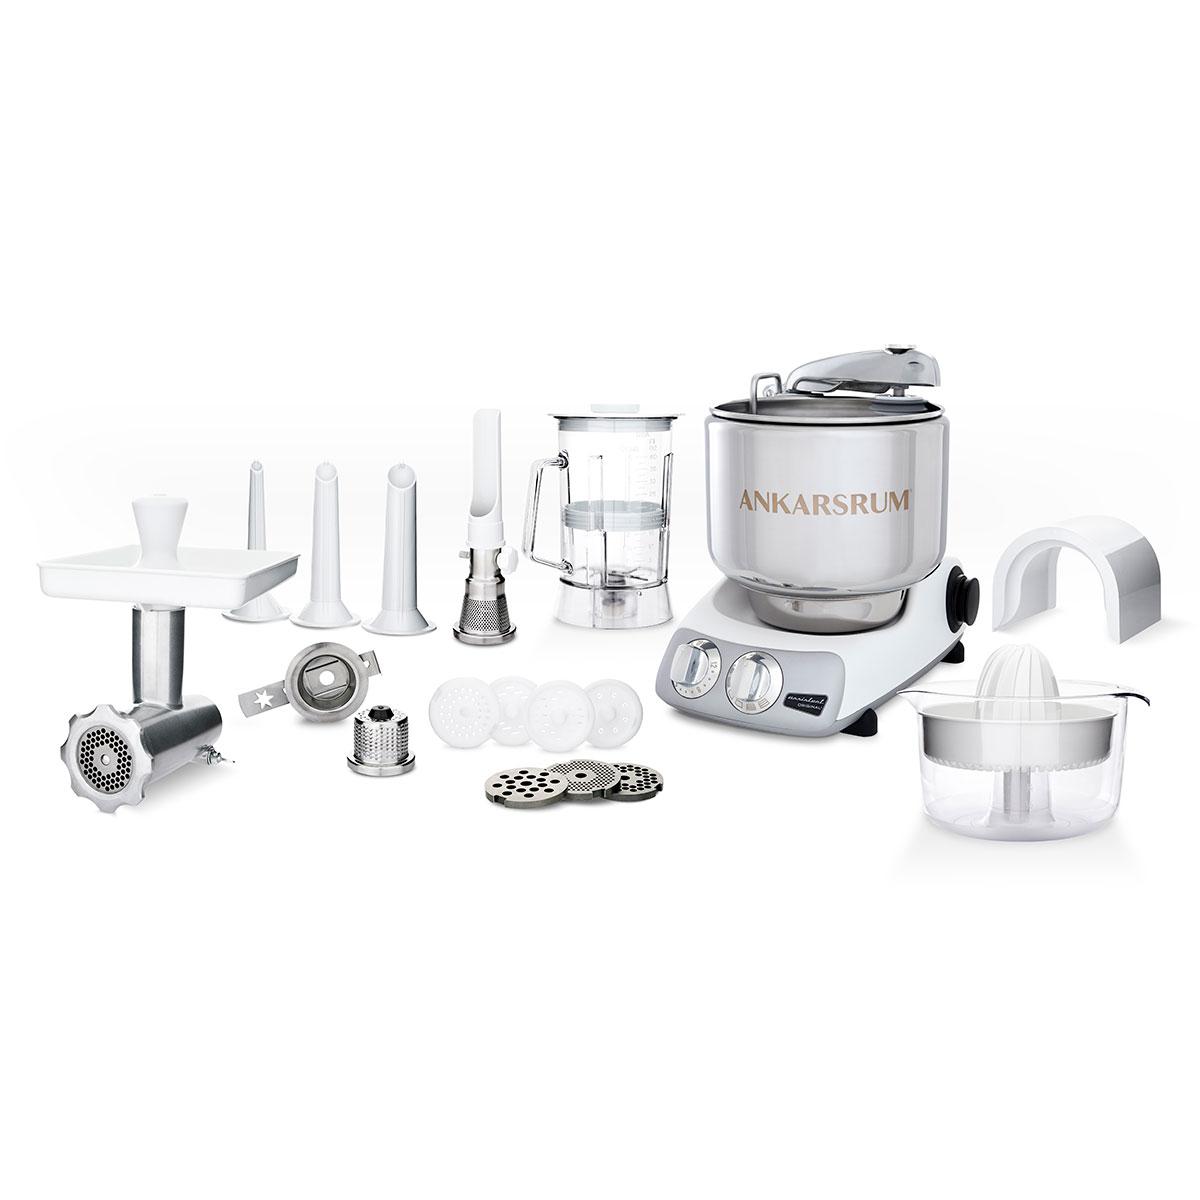 Image of   Ankarsrum køkkenmaskine 6290MWdeluxe - Mineral white